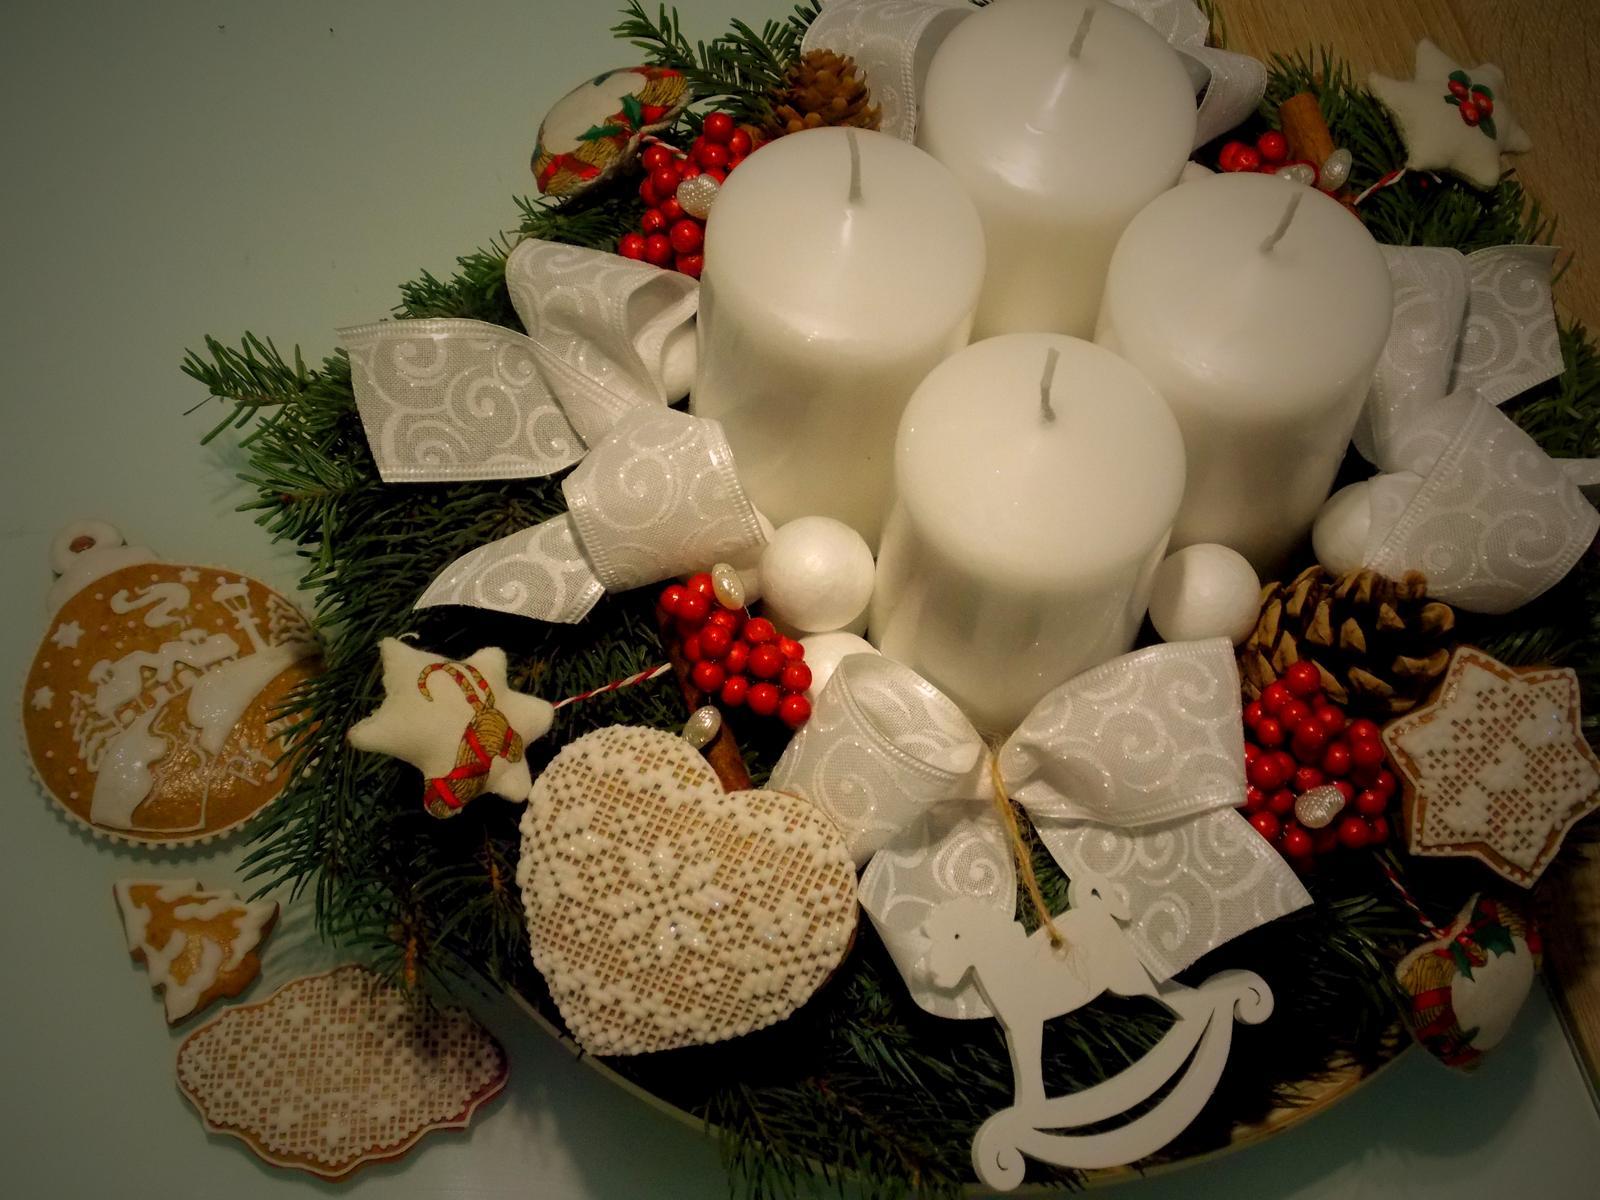 Vianočná vôňa a teplo domova. - Obrázok č. 1